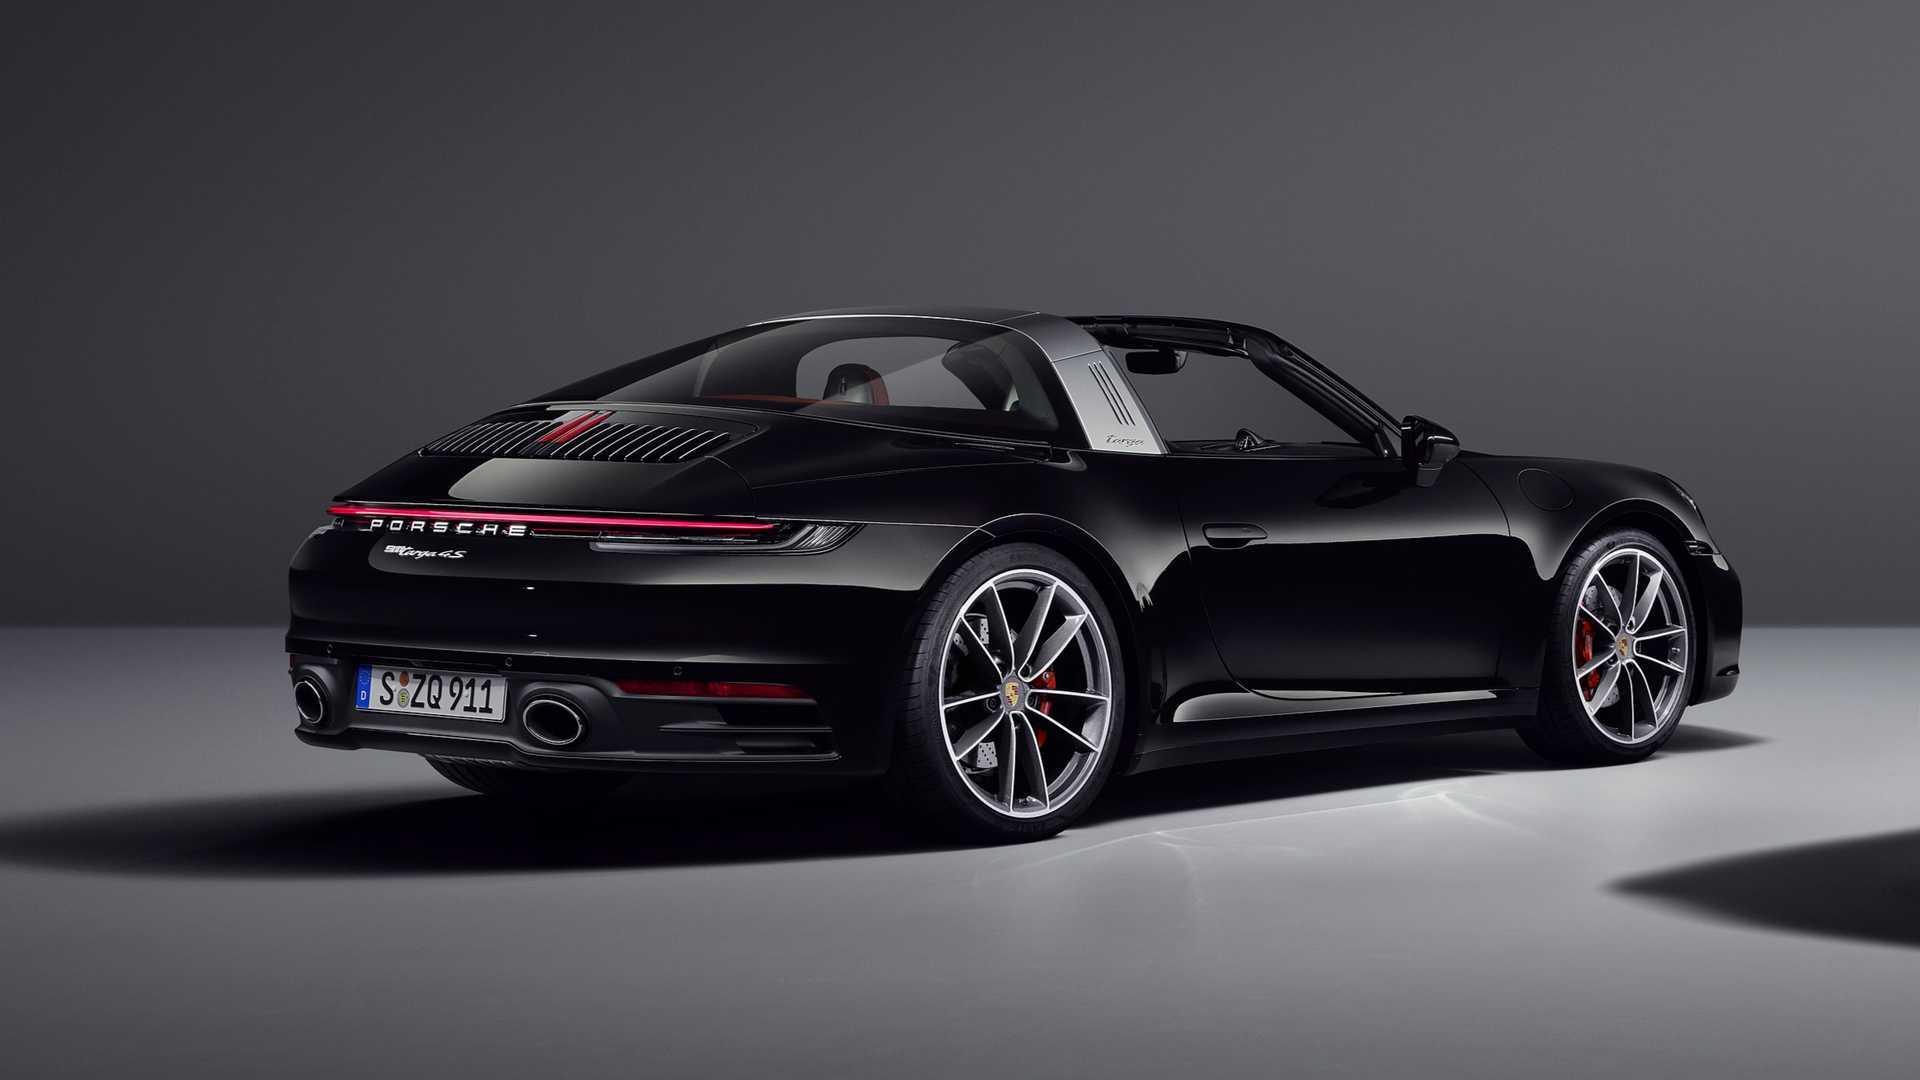 2020 Porsche 911 Photos